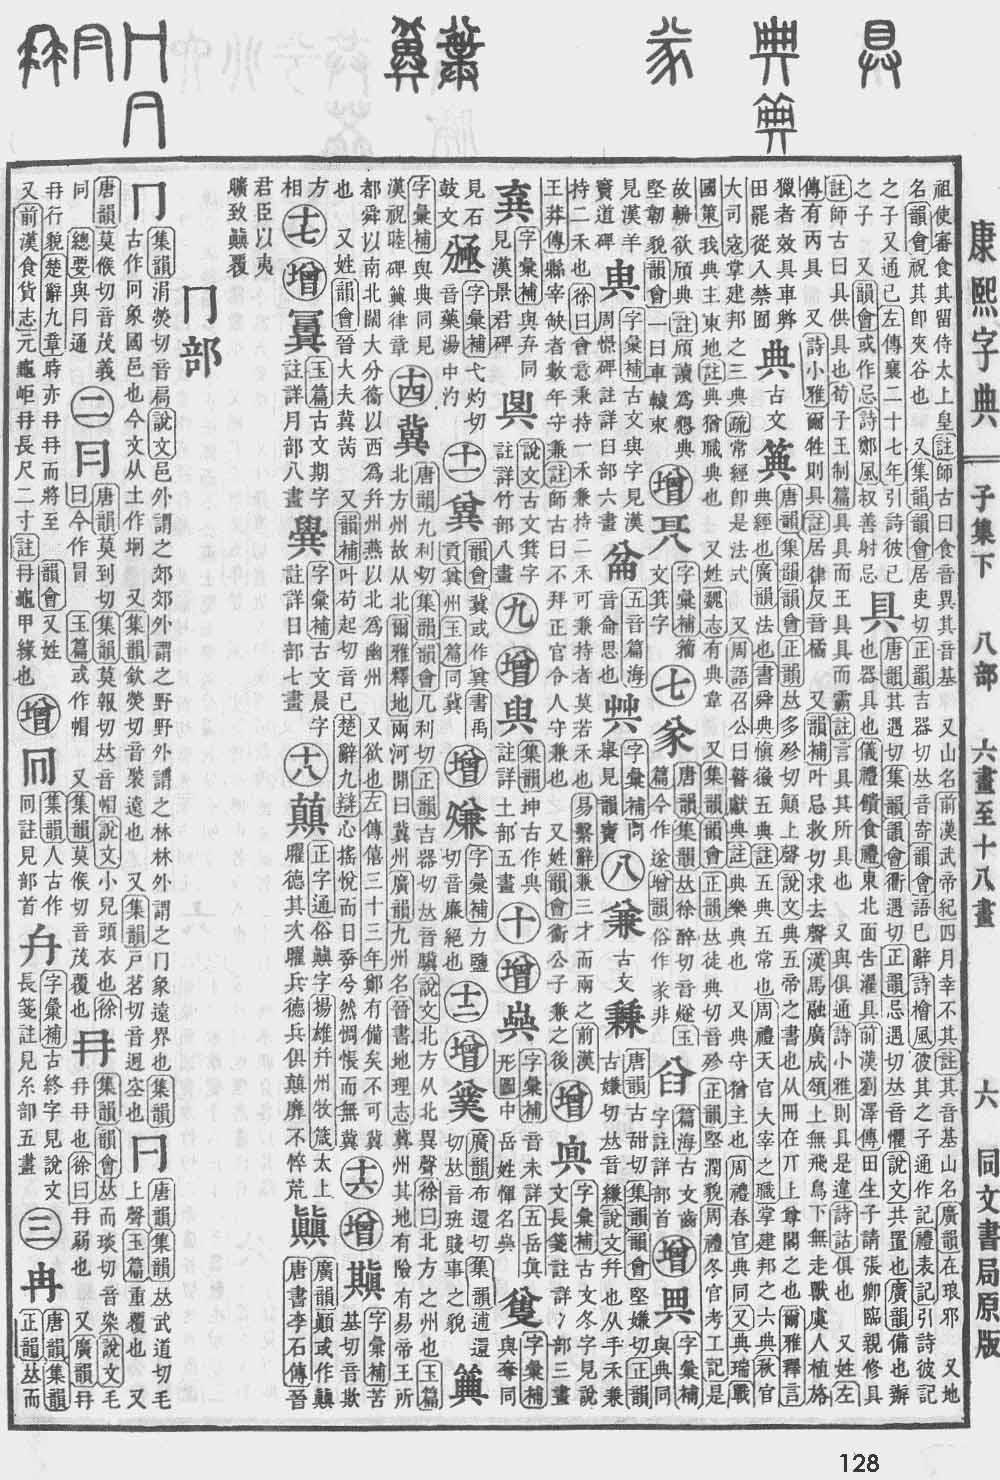 《康熙字典》第128页